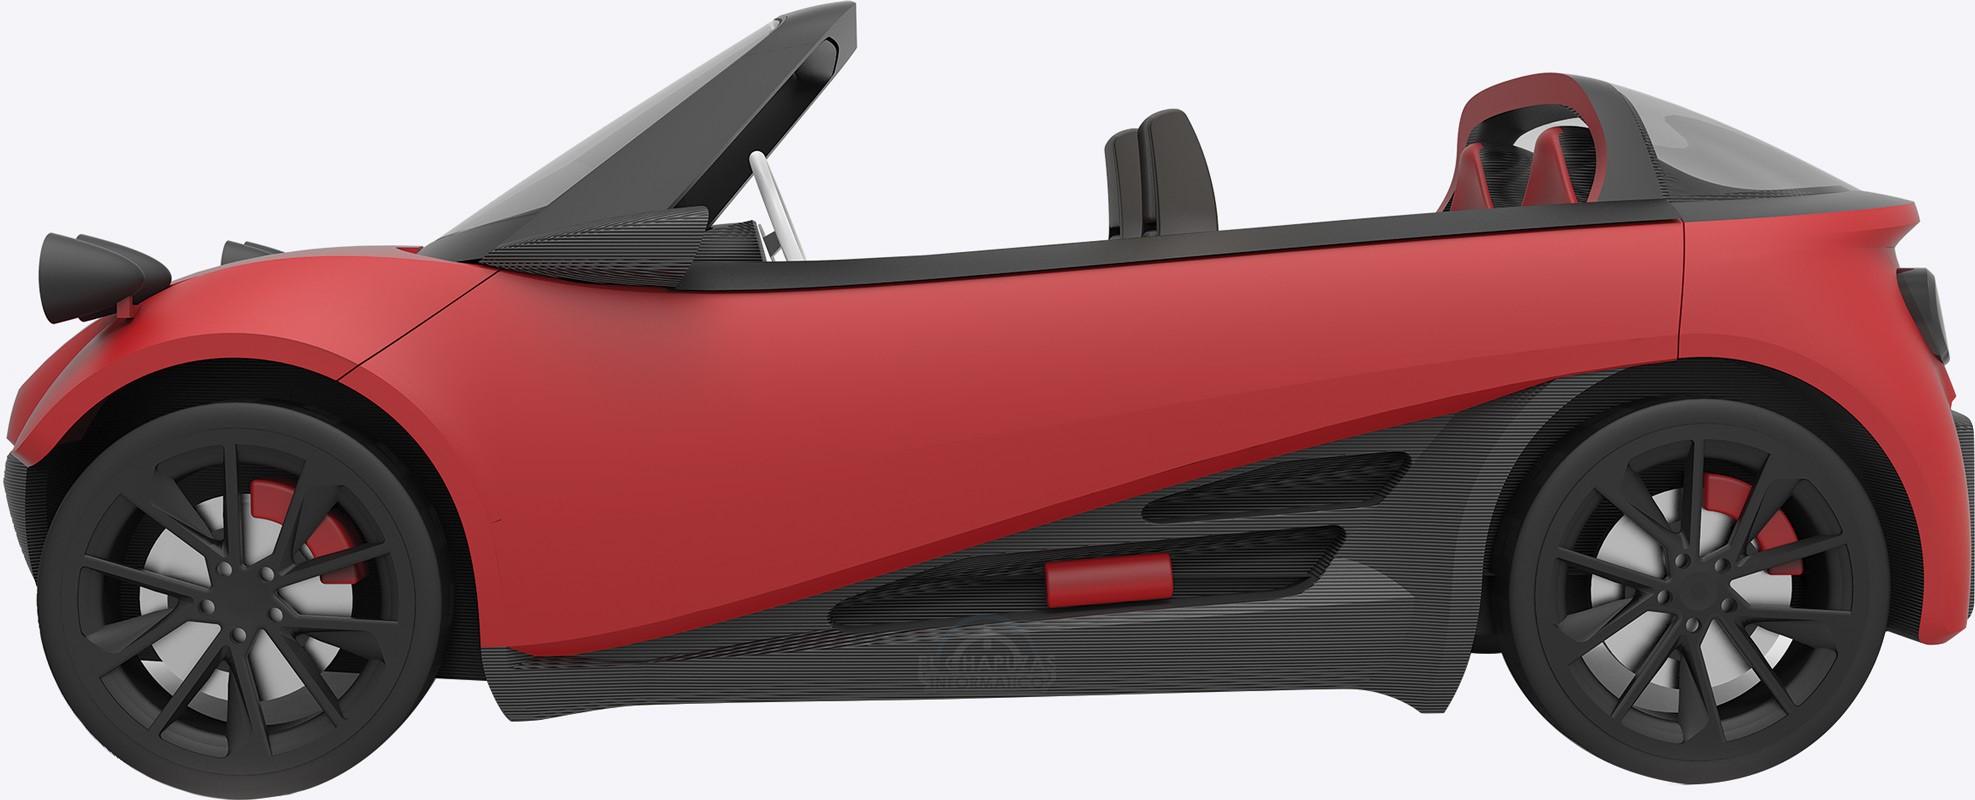 LM3D Swim, el coche fabricado con una impresora 3D